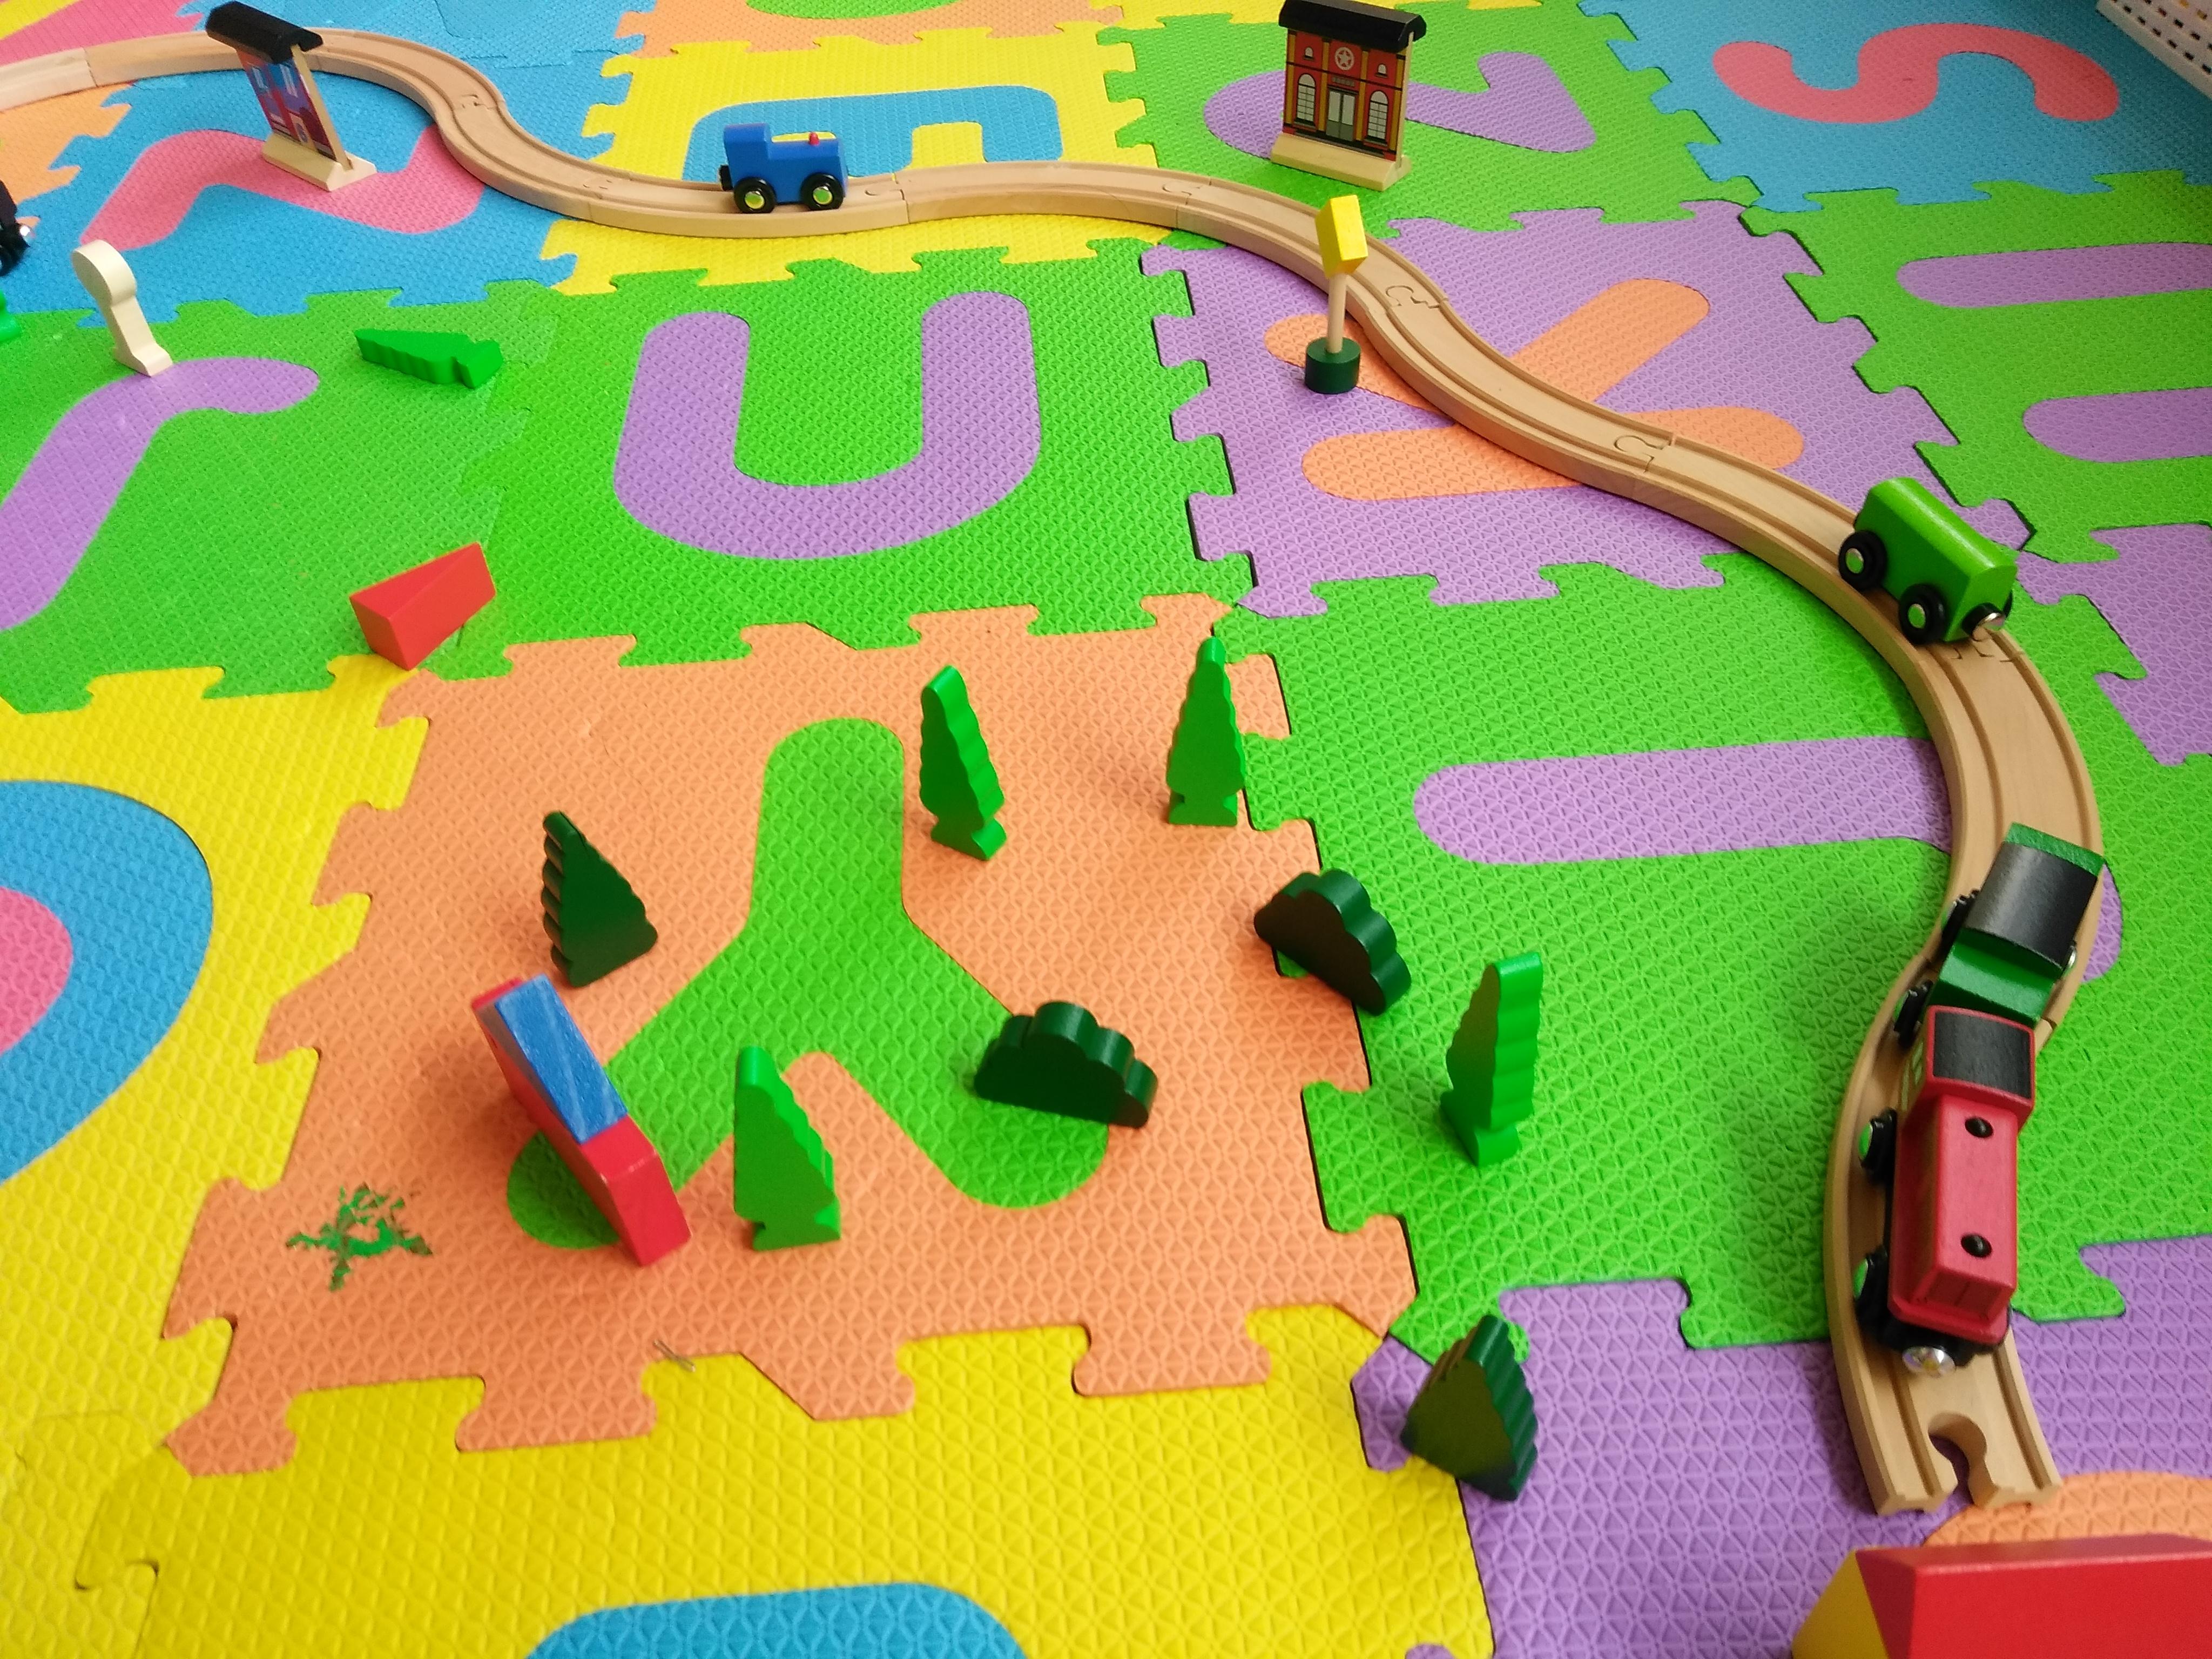 おもちゃの木製のレールの上におもちゃの電車が走っている写真